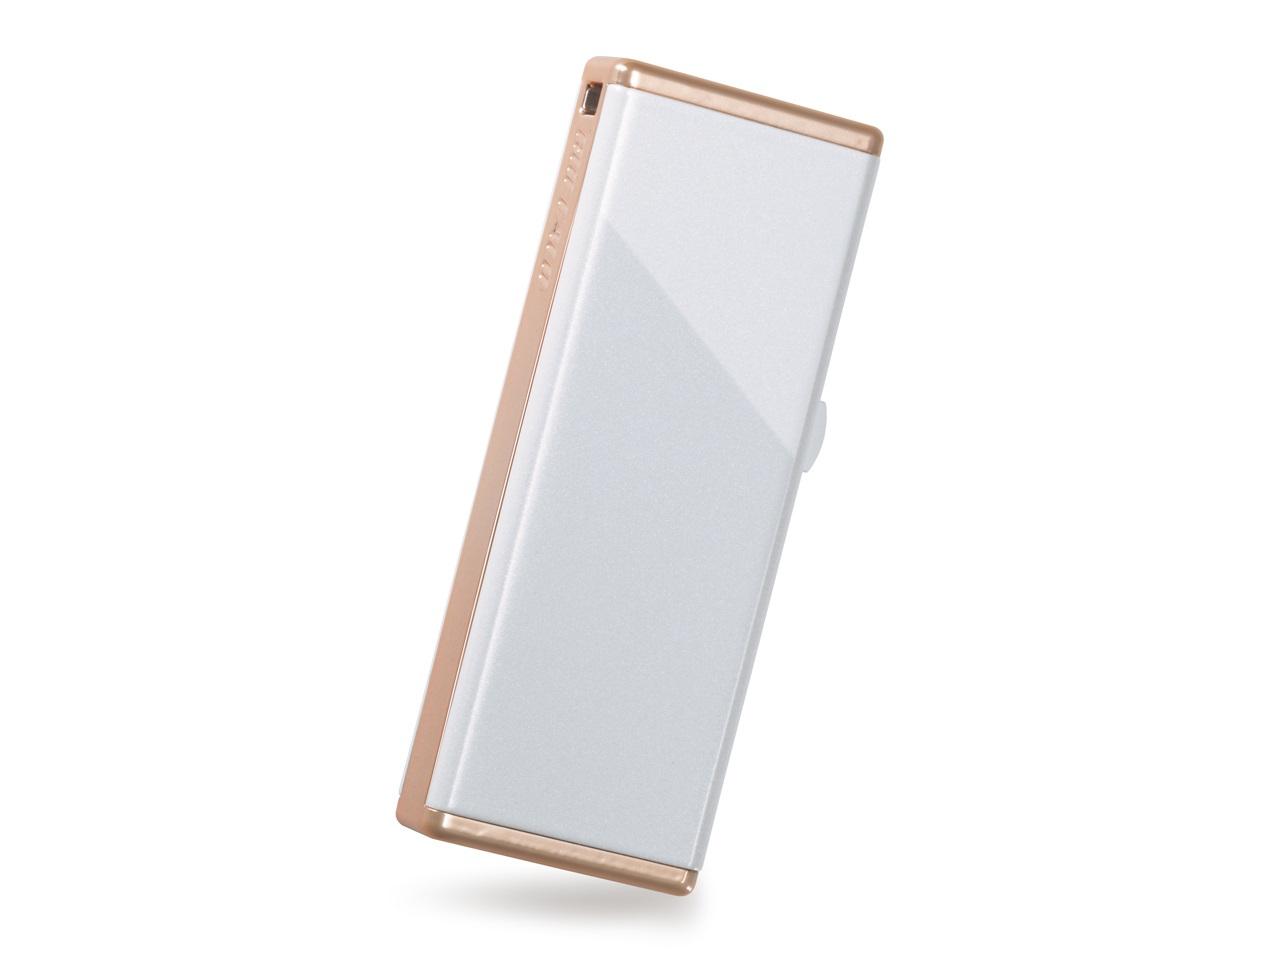 Buffalo RUF3-JW8G-RW 8GB 2.0/3.0 (3.1 Gen 1) Numero di grucce Bianco unità flash USB